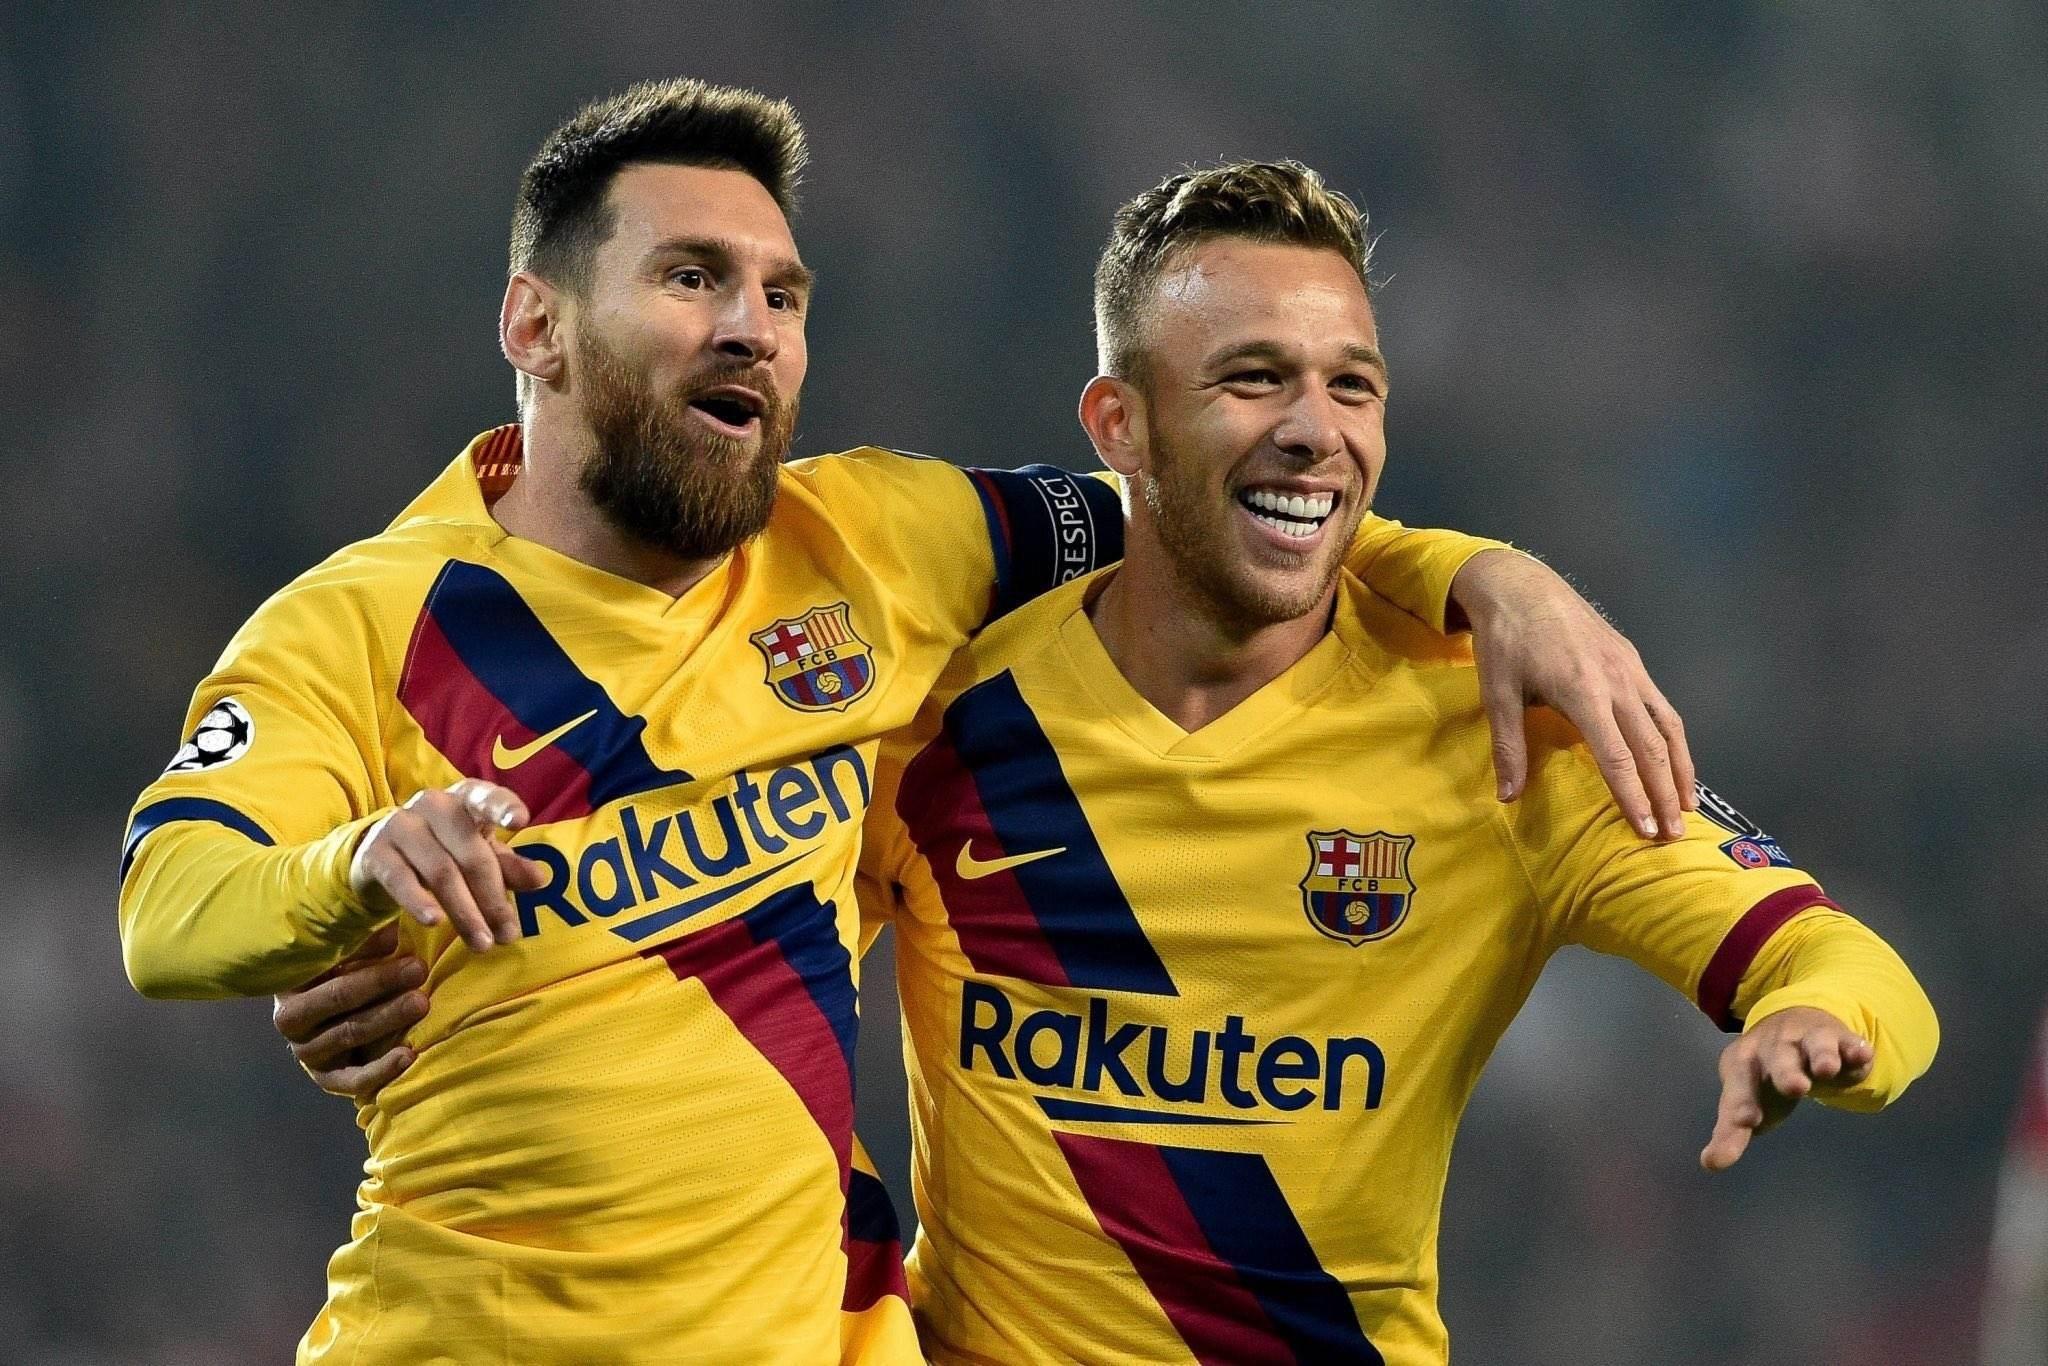 آرثر لا يريد مغادرة برشلونة!